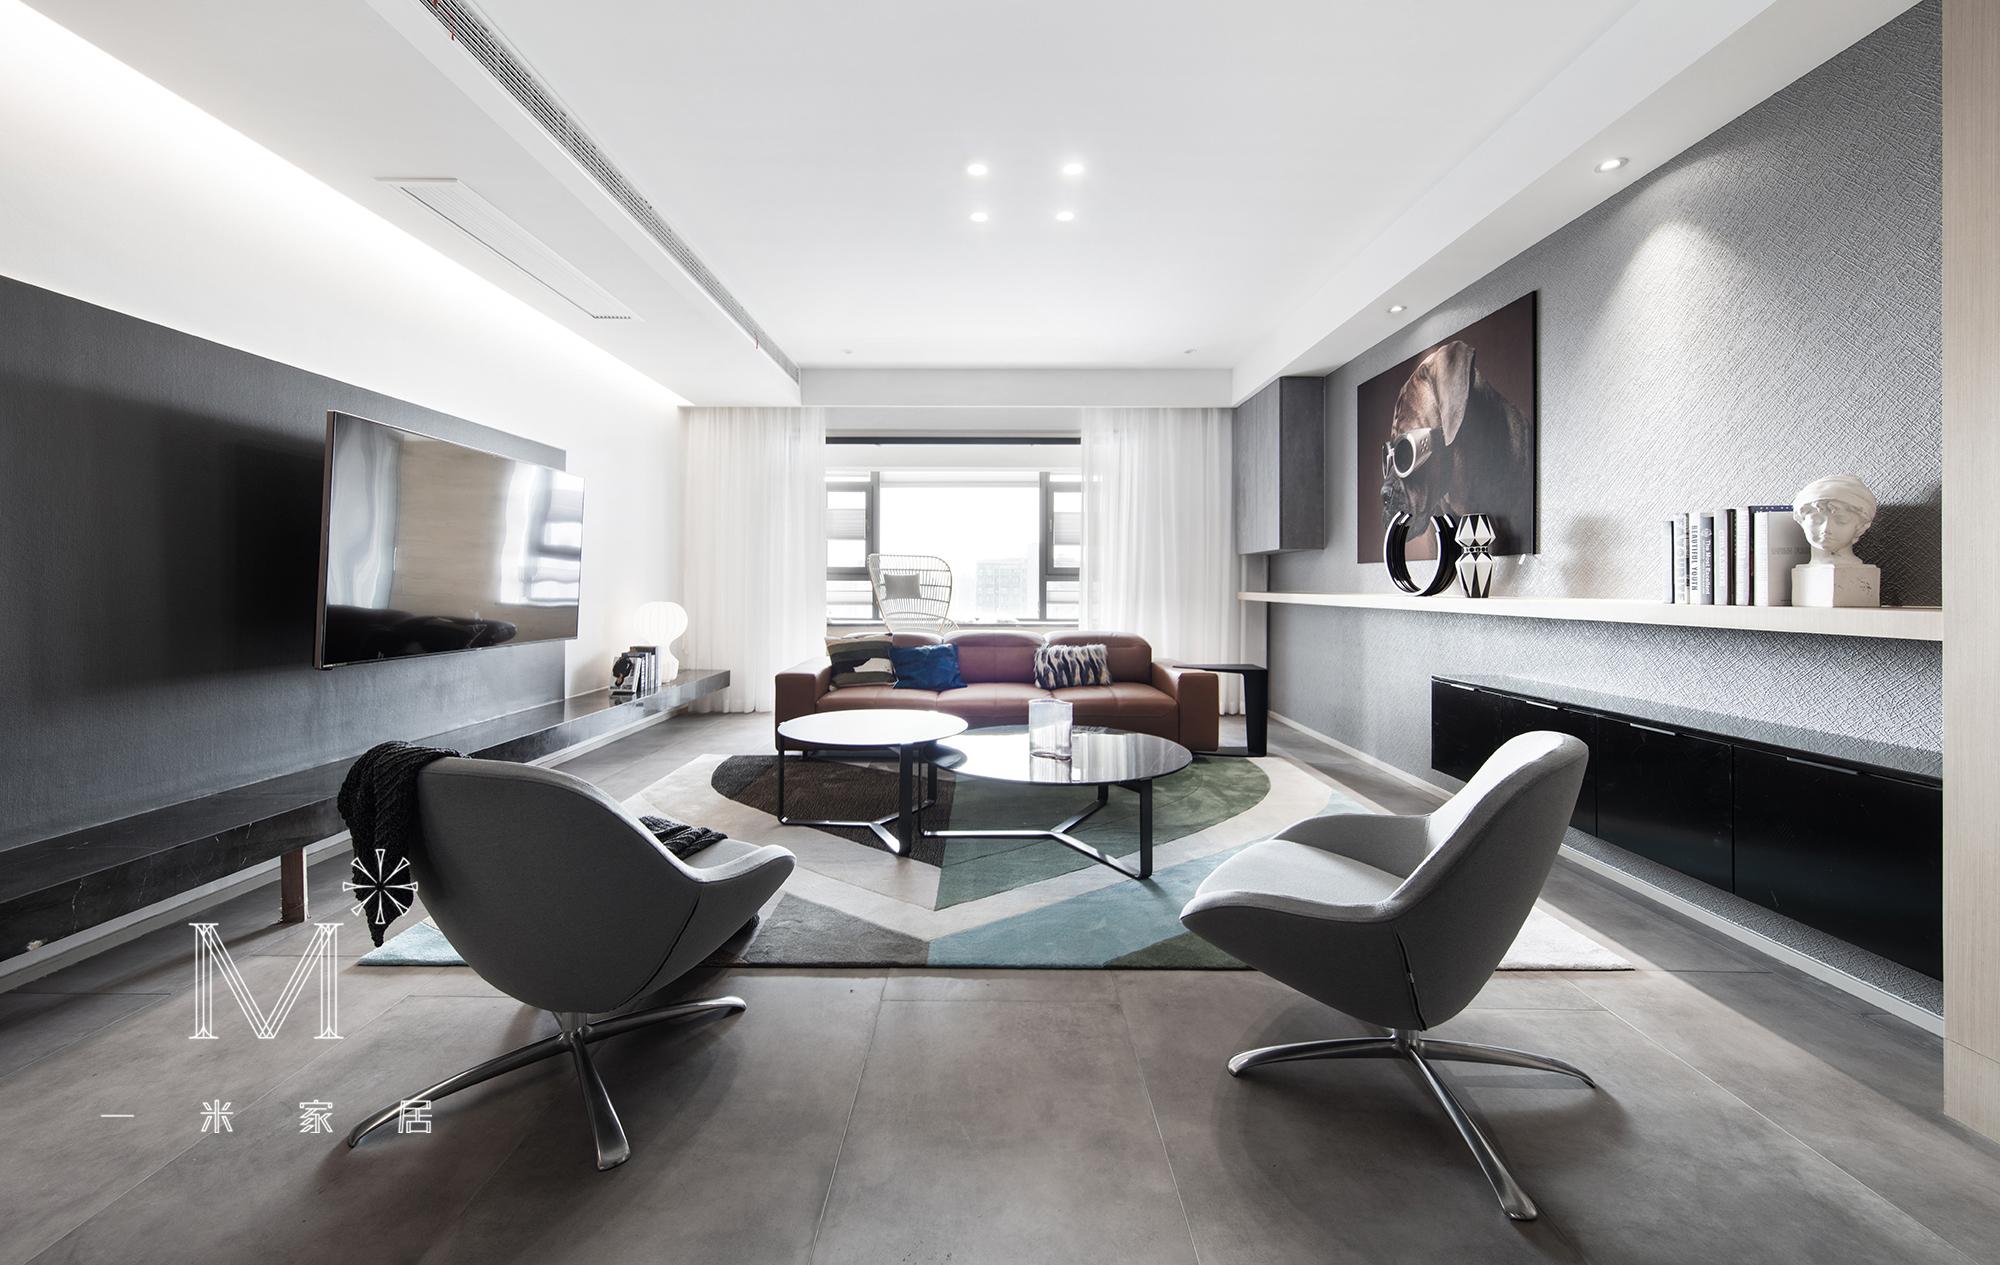 温馨295平简约四居布置图客厅现代简约客厅设计图片赏析